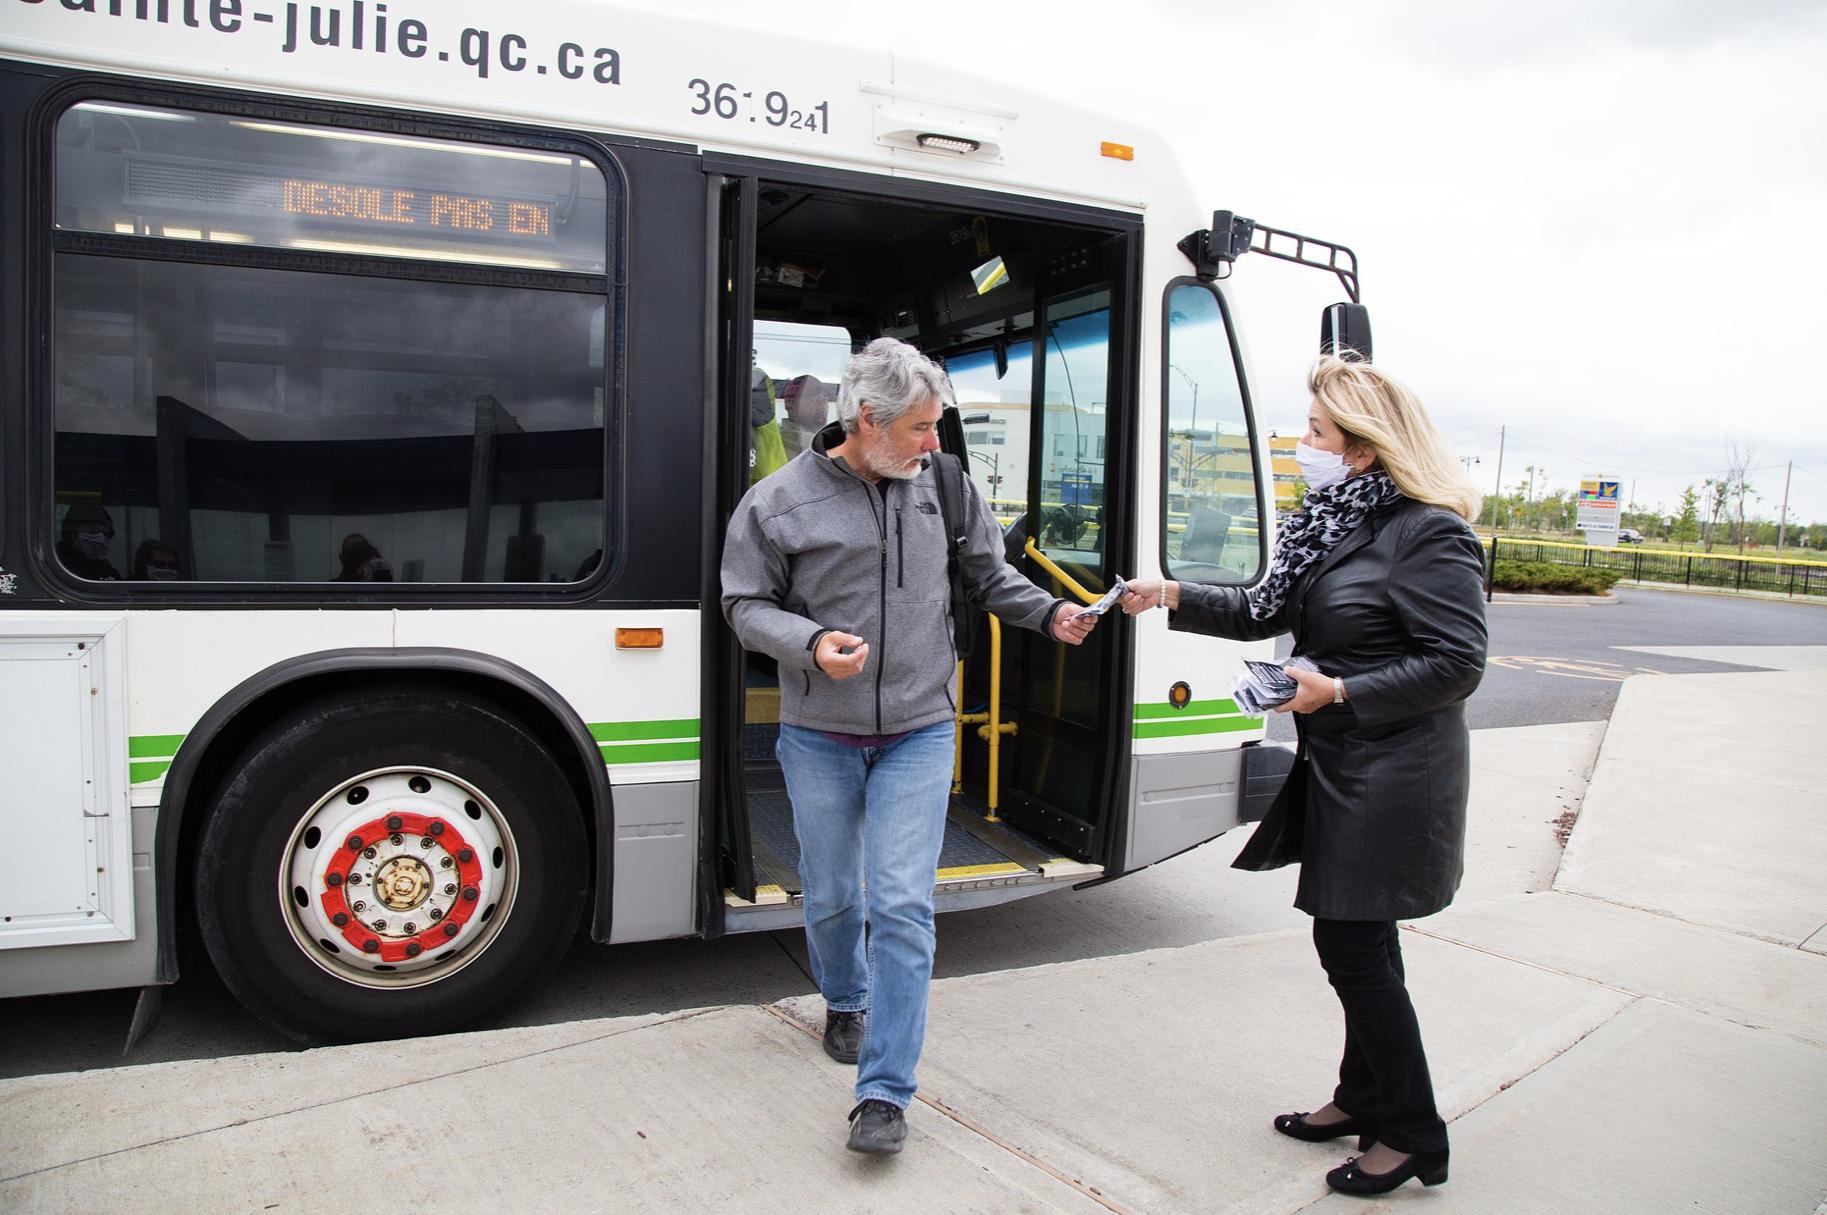 La mairesse de Sainte-Julie distribue des masques aux usagers des transports en commun